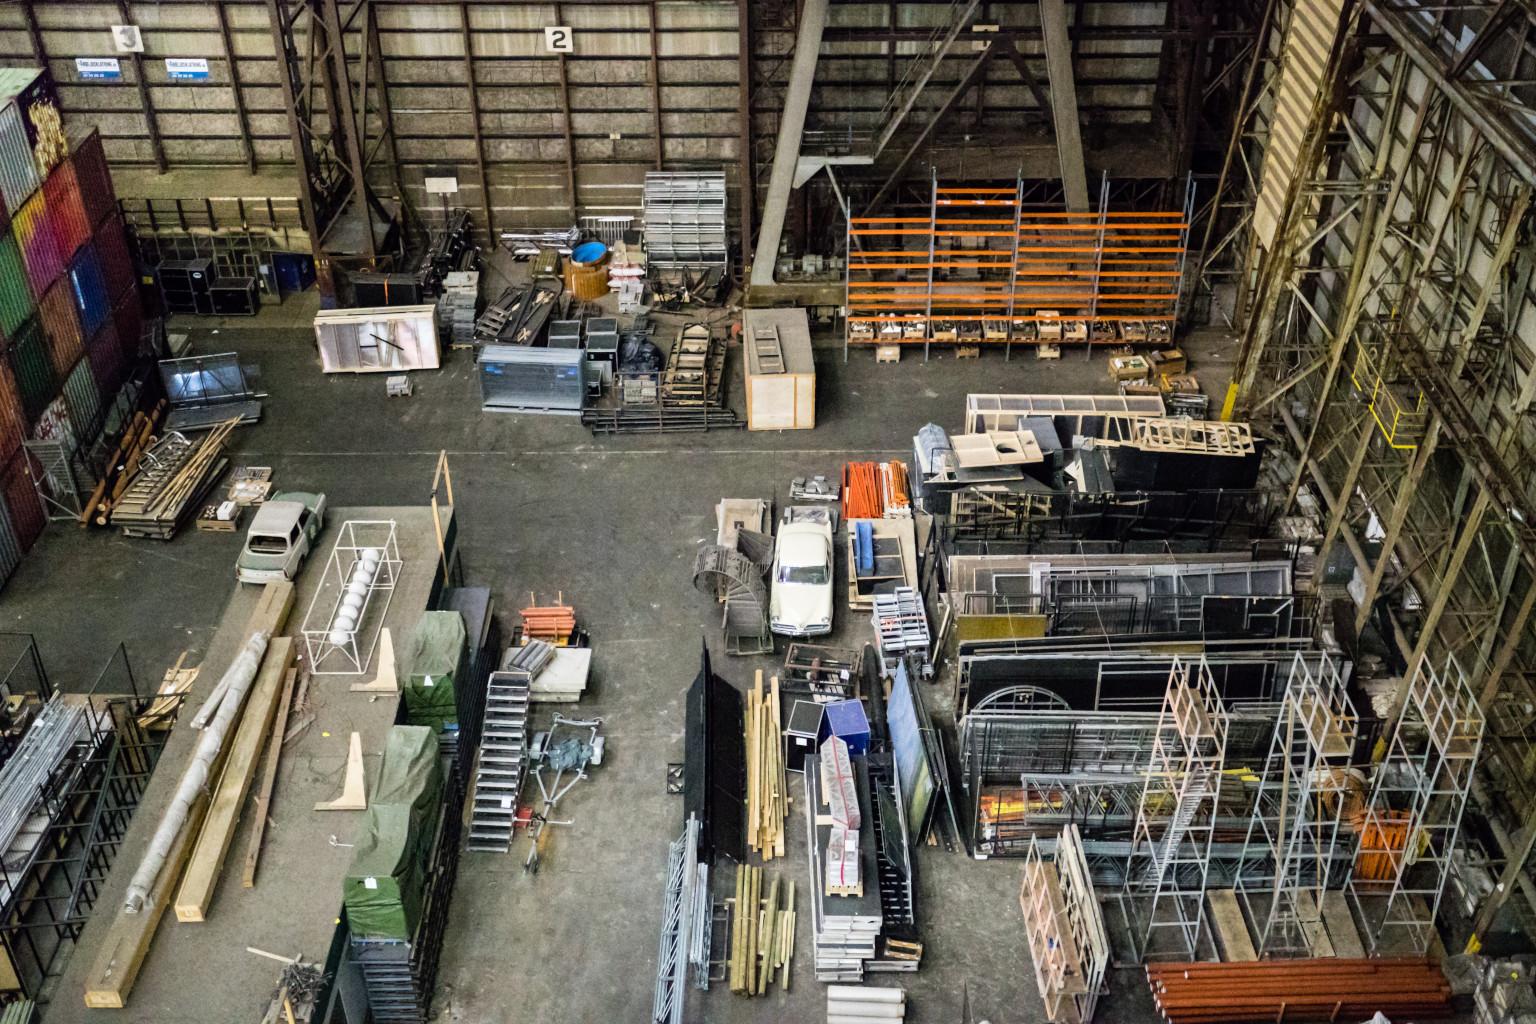 Gepardy Biznesu 2020 Handlu Artykułami Budowlanymi i Drewnem